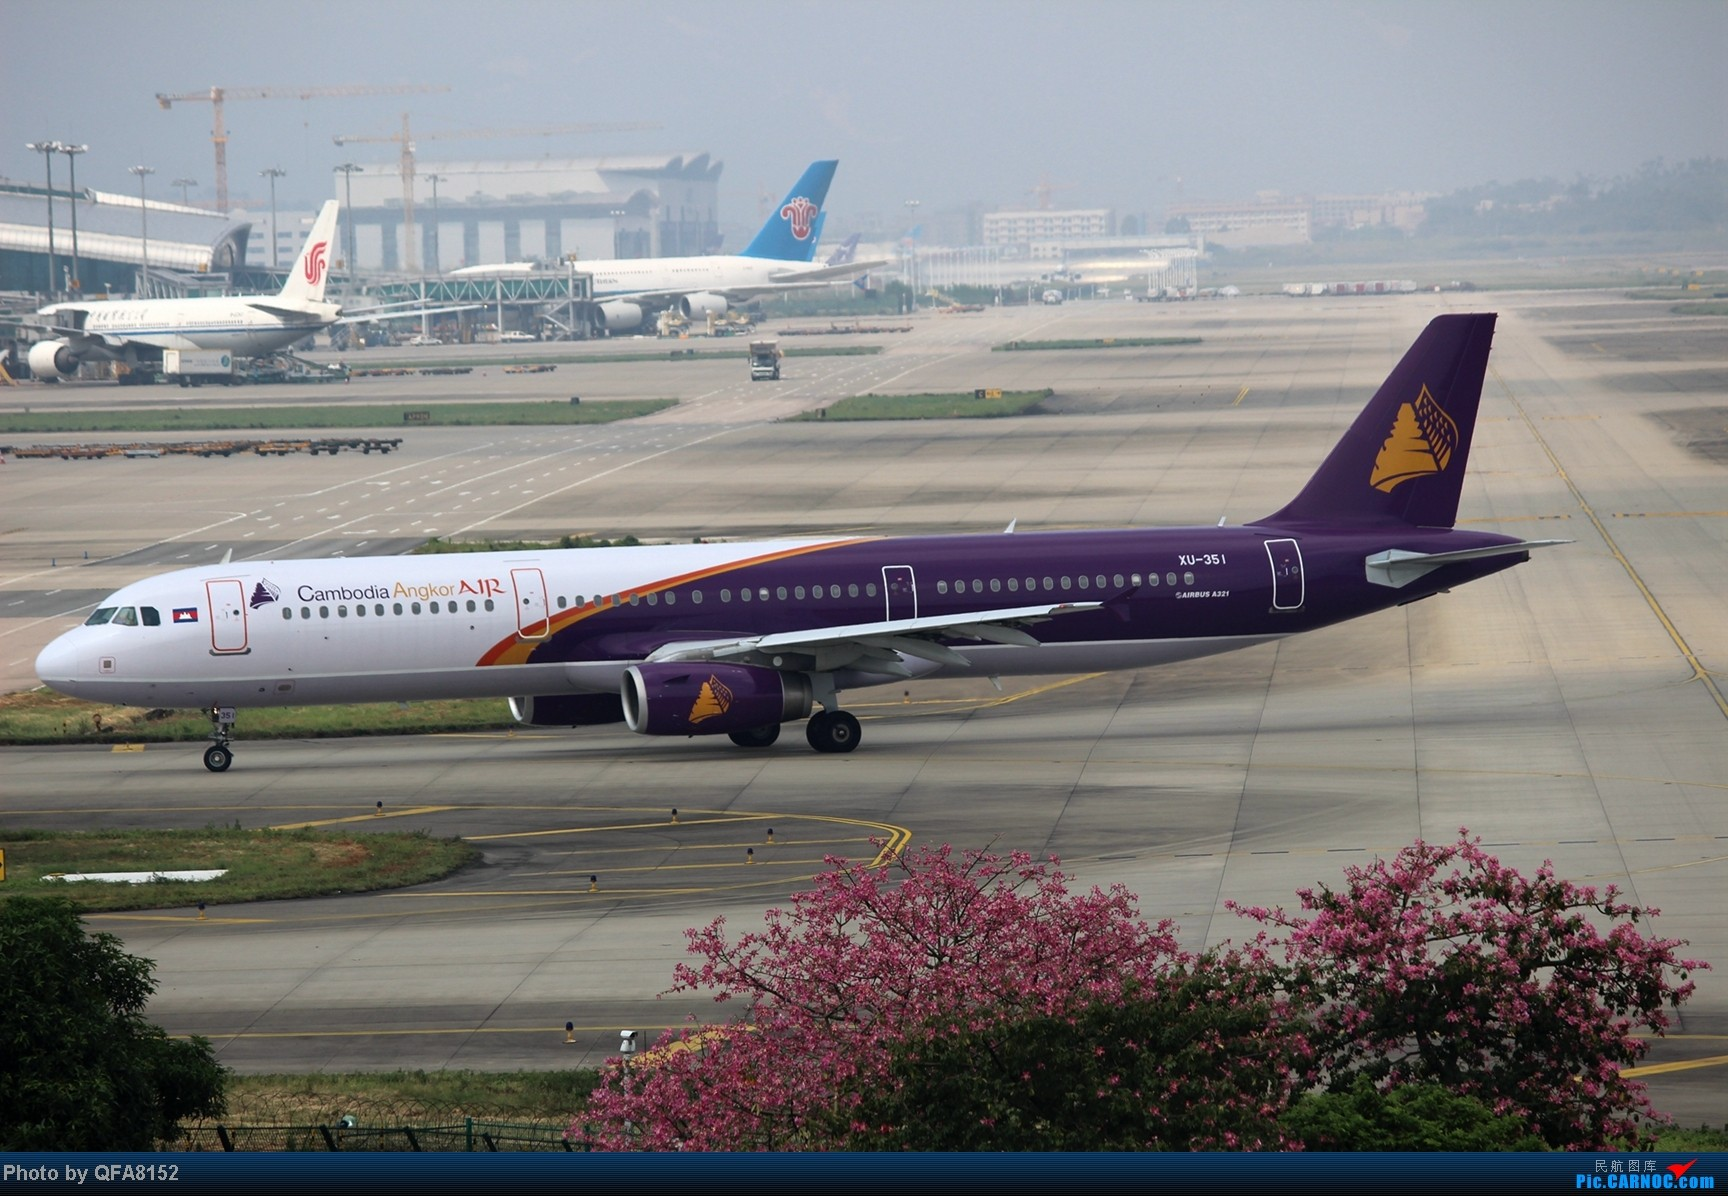 Re:[原创]2014.10.2广州白云消防塔拍机 AIRBUS A321-200 XU-351 中国广州白云机场